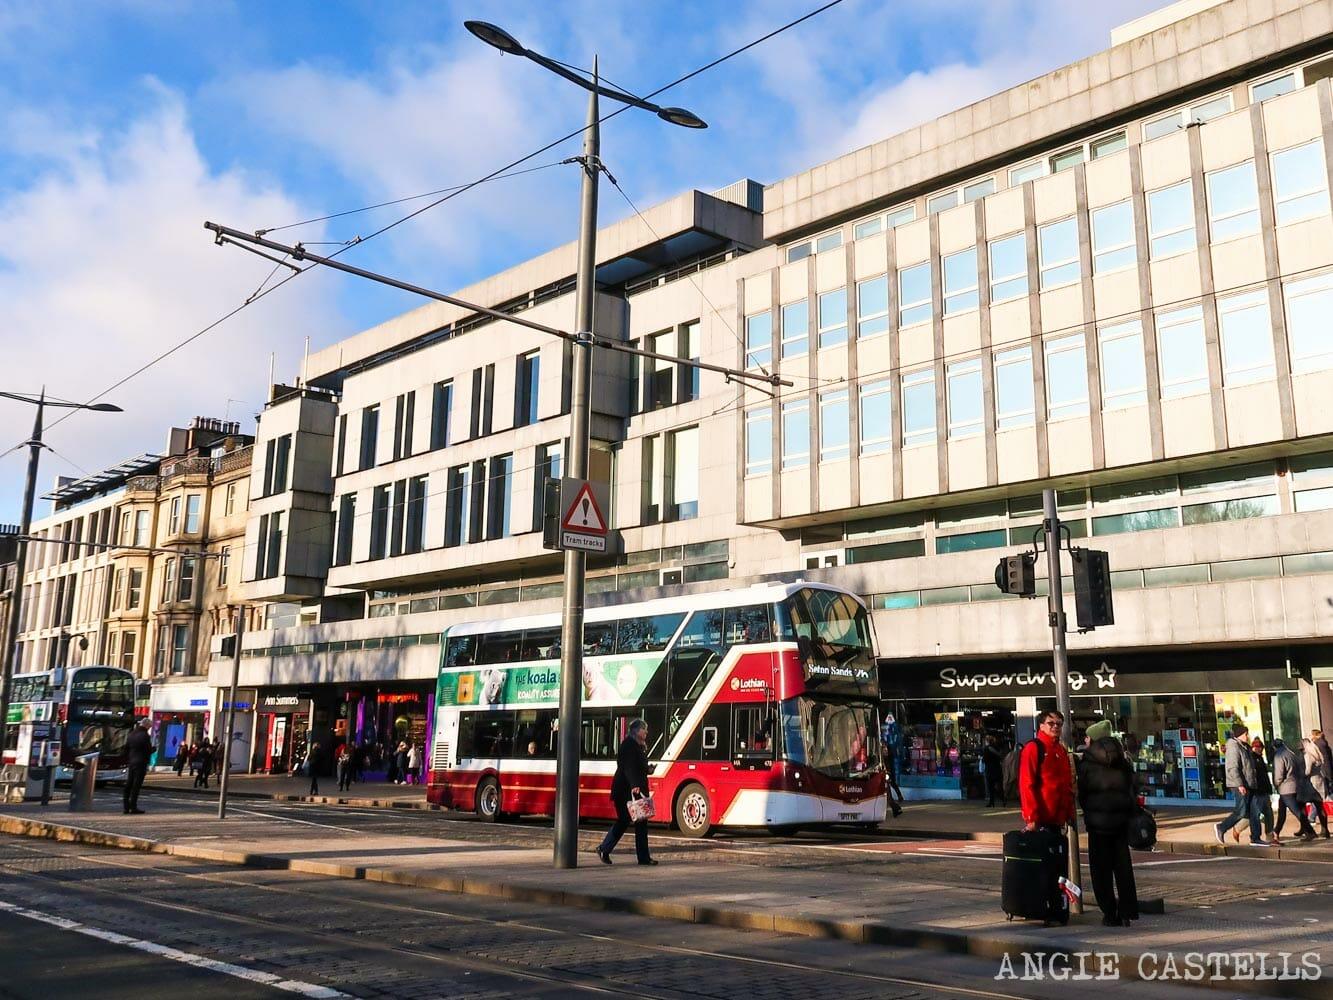 Cómo usar el bus en Edimburgo - Precios y rutas